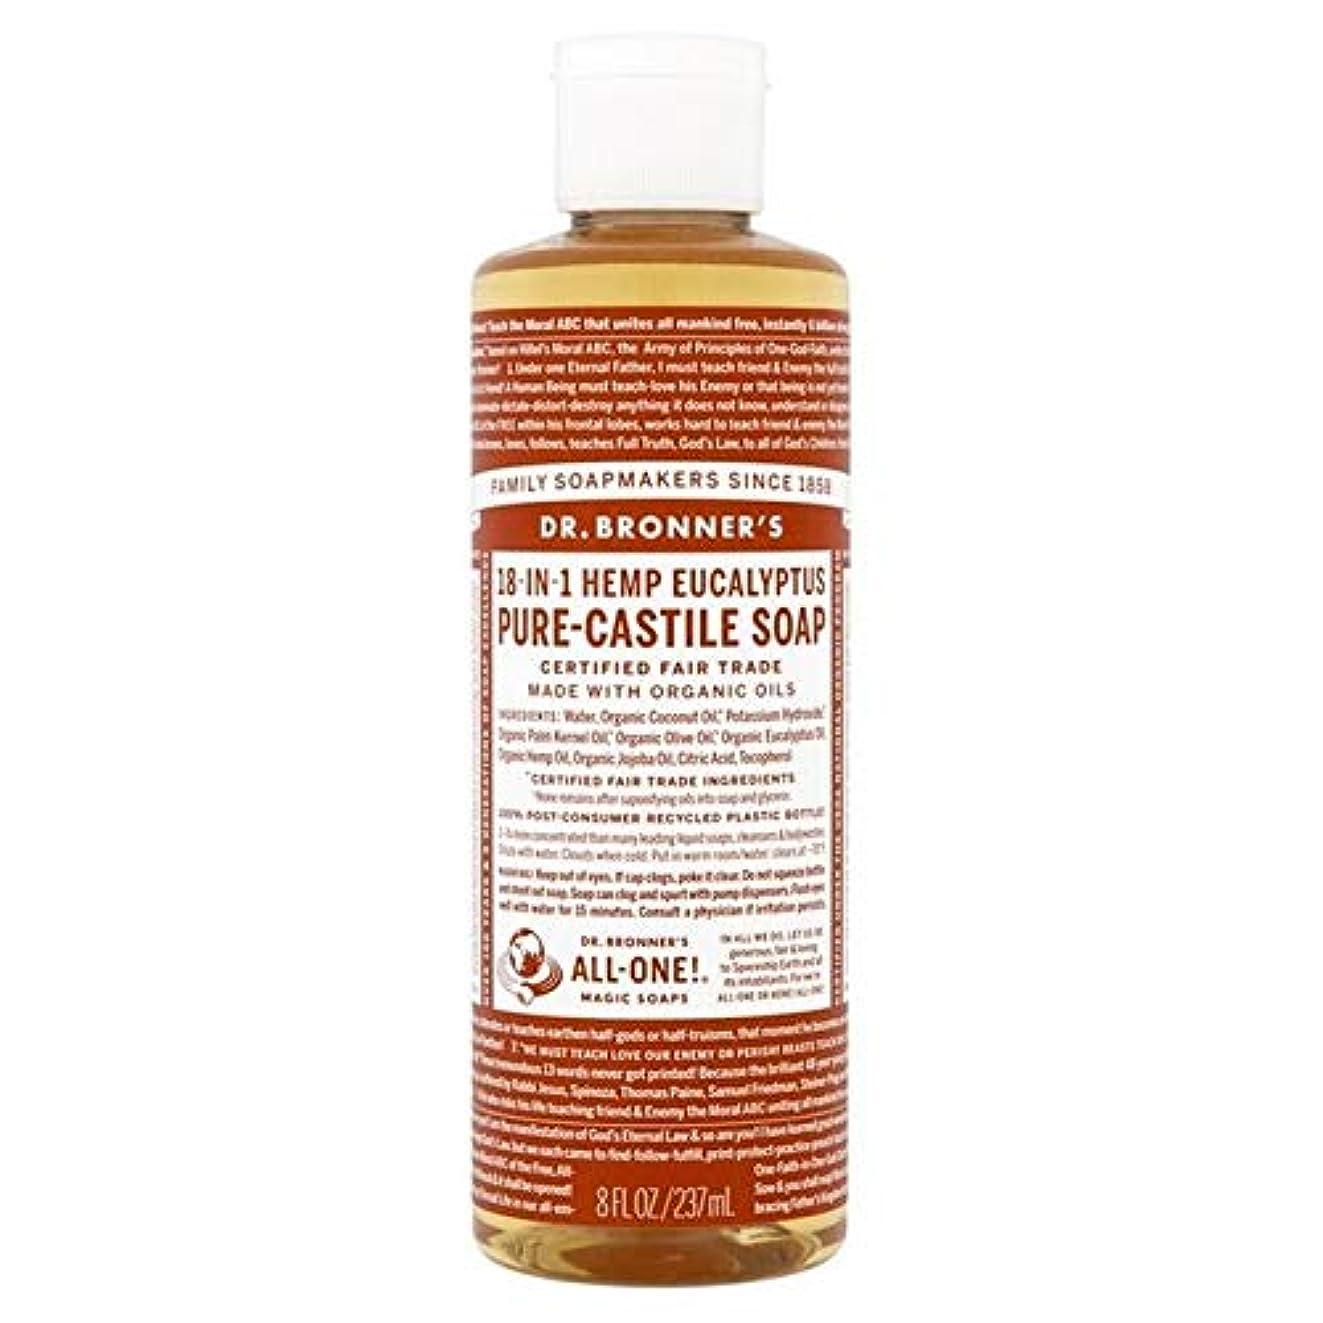 石炭不正ルール[Dr Bronner] Dr。ブロナーズ有機ユーカリの純粋な-カスティーリャ液体石鹸237ミリリットル - Dr. Bronner's Organic Eucalyptus Pure-Castile Liquid Soap...